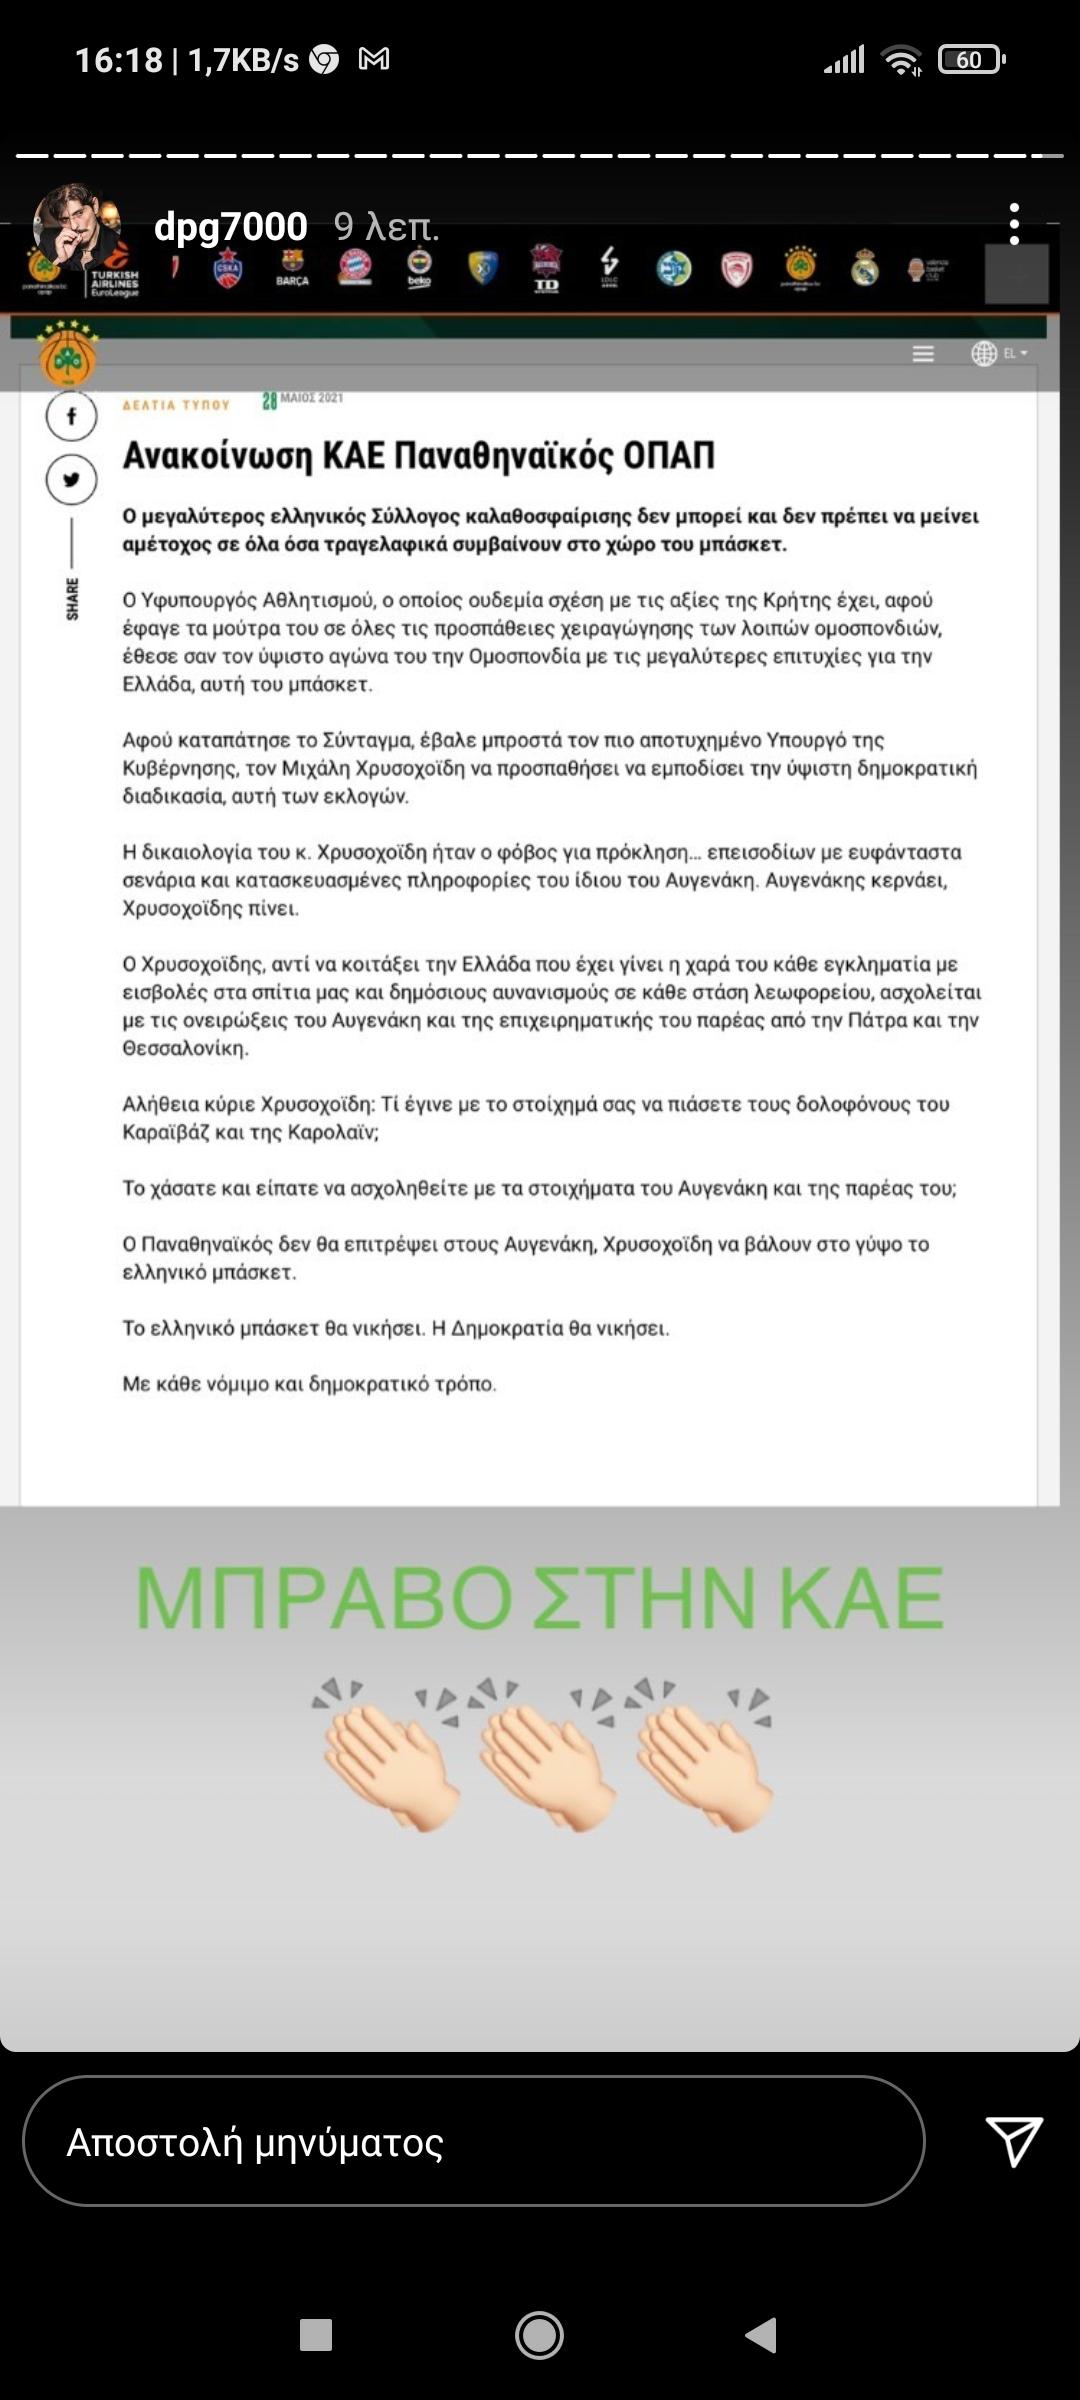 """""""Μπράβο"""" Γιαννακόπουλου στην ΚΑΕ Παναθηναϊκός!"""